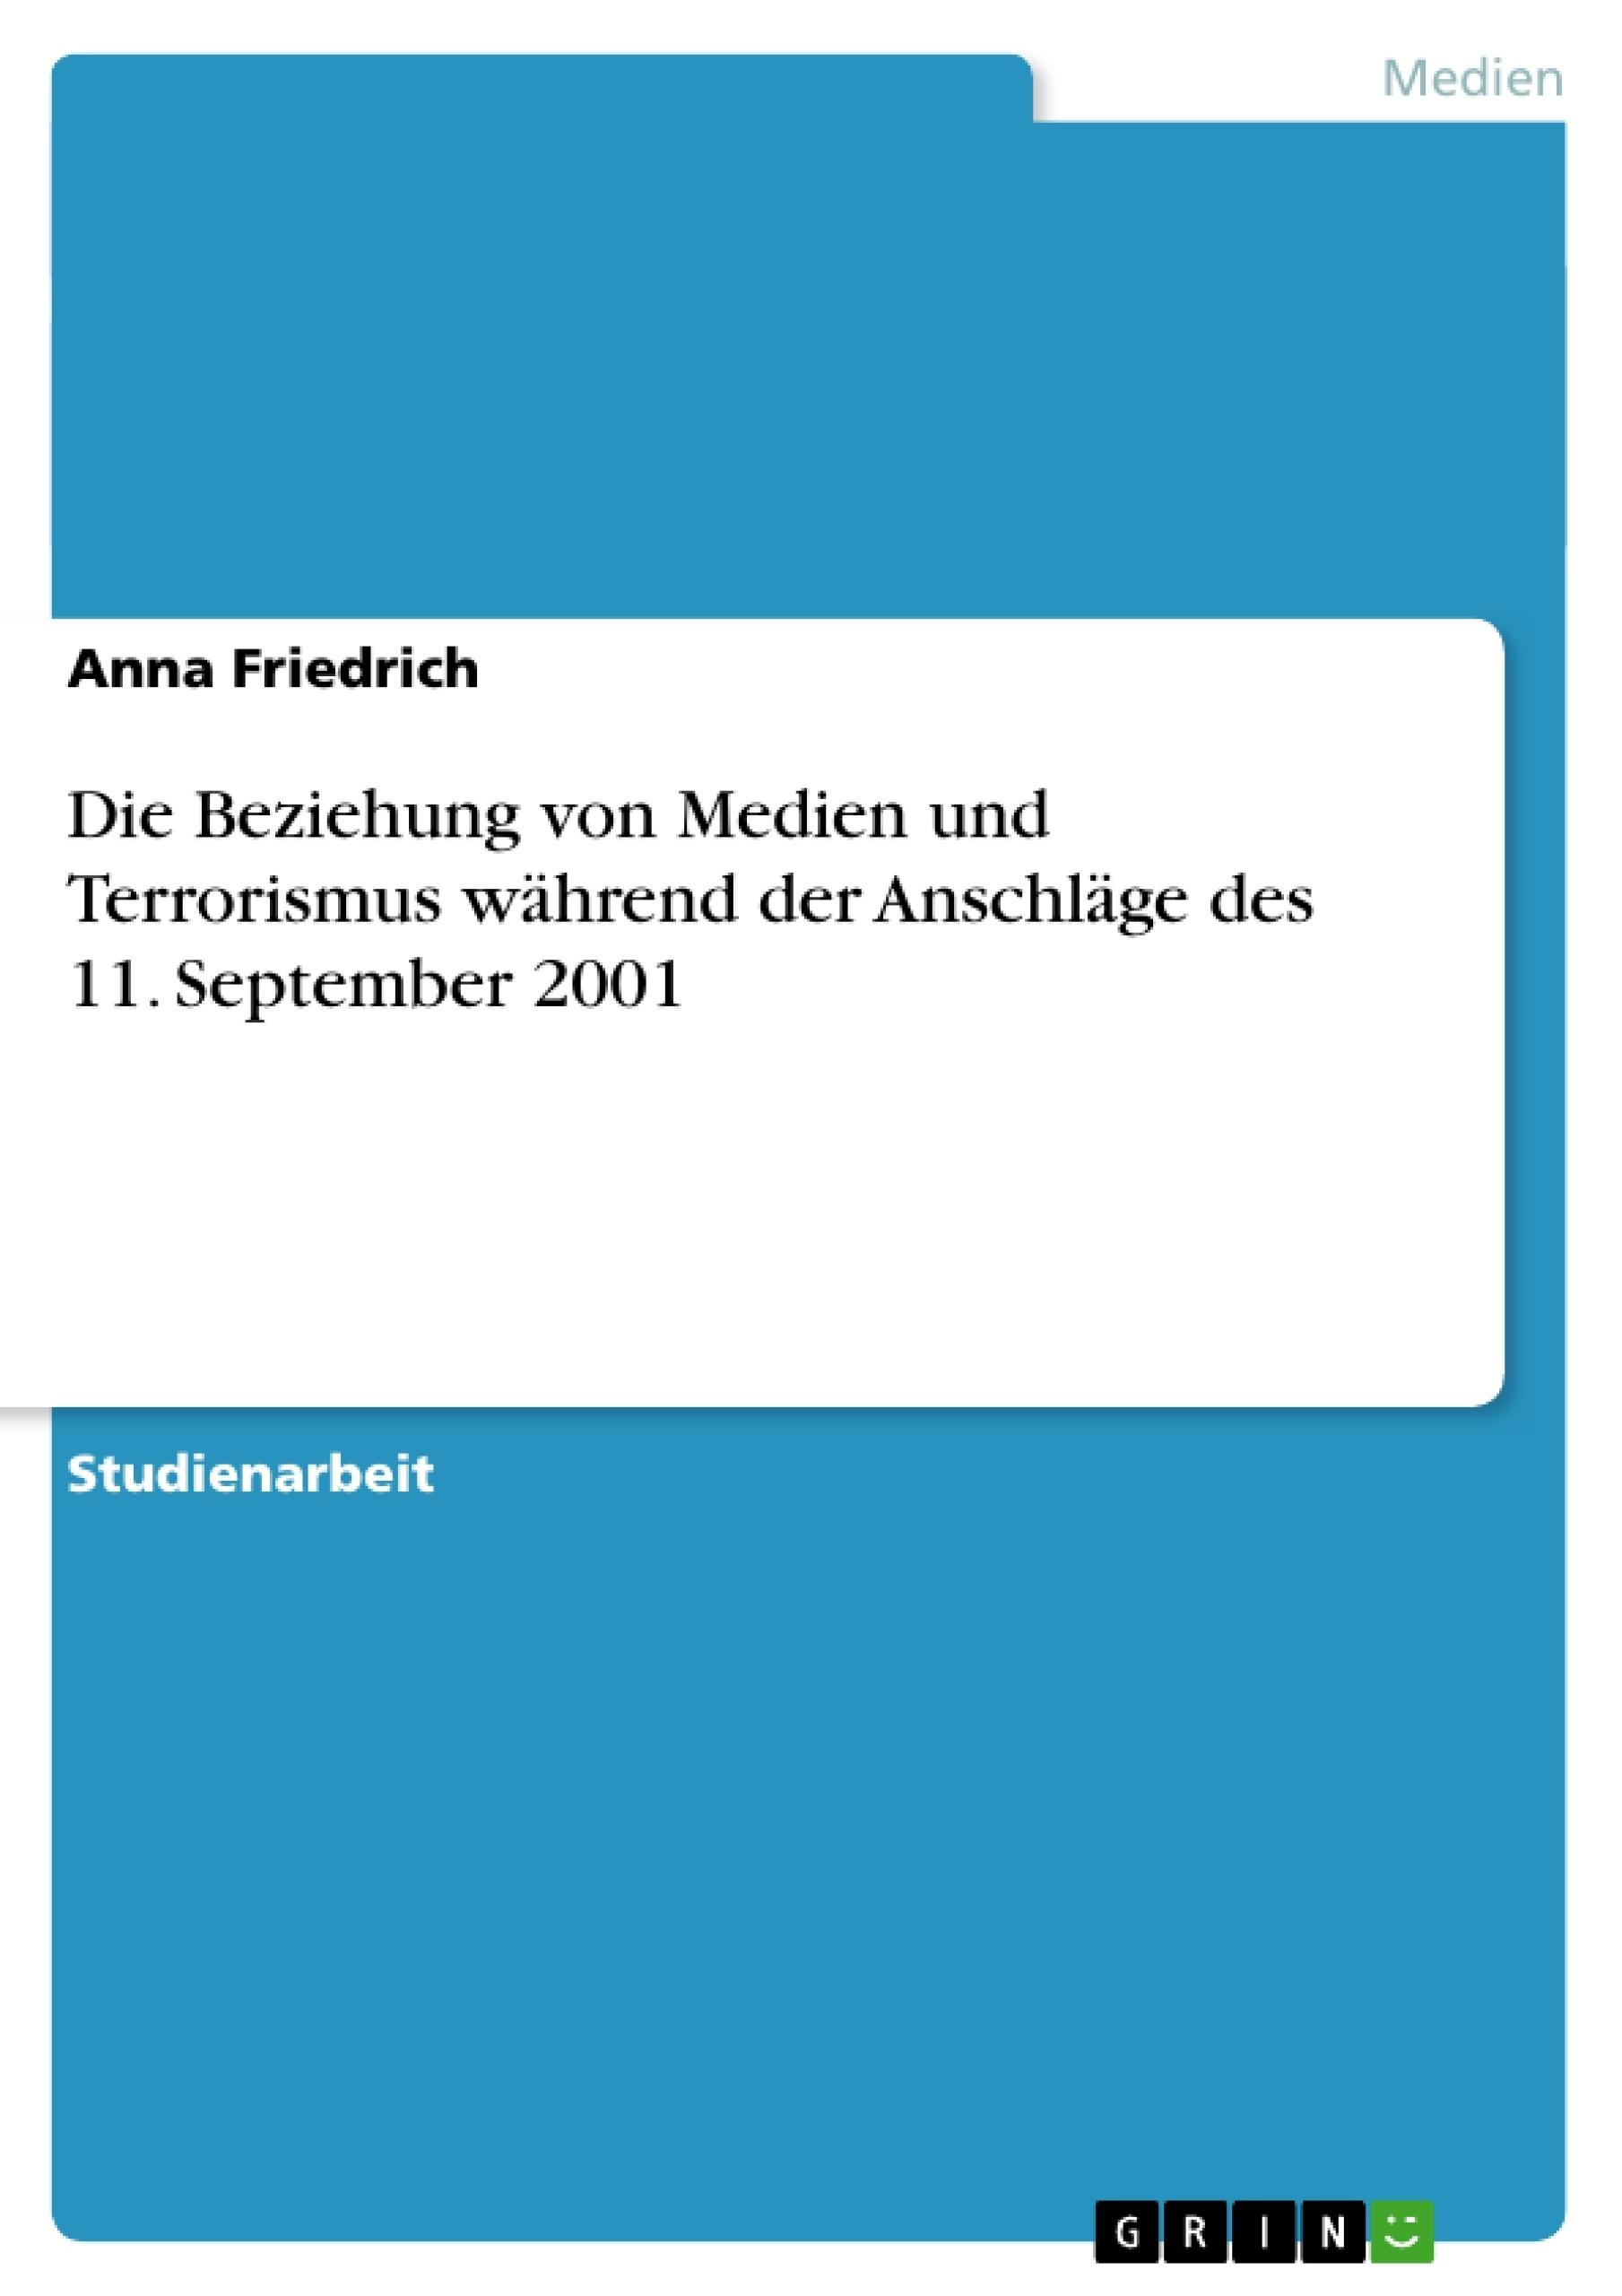 Titel: Die Beziehung von Medien und Terrorismus während der Anschläge des 11. September 2001